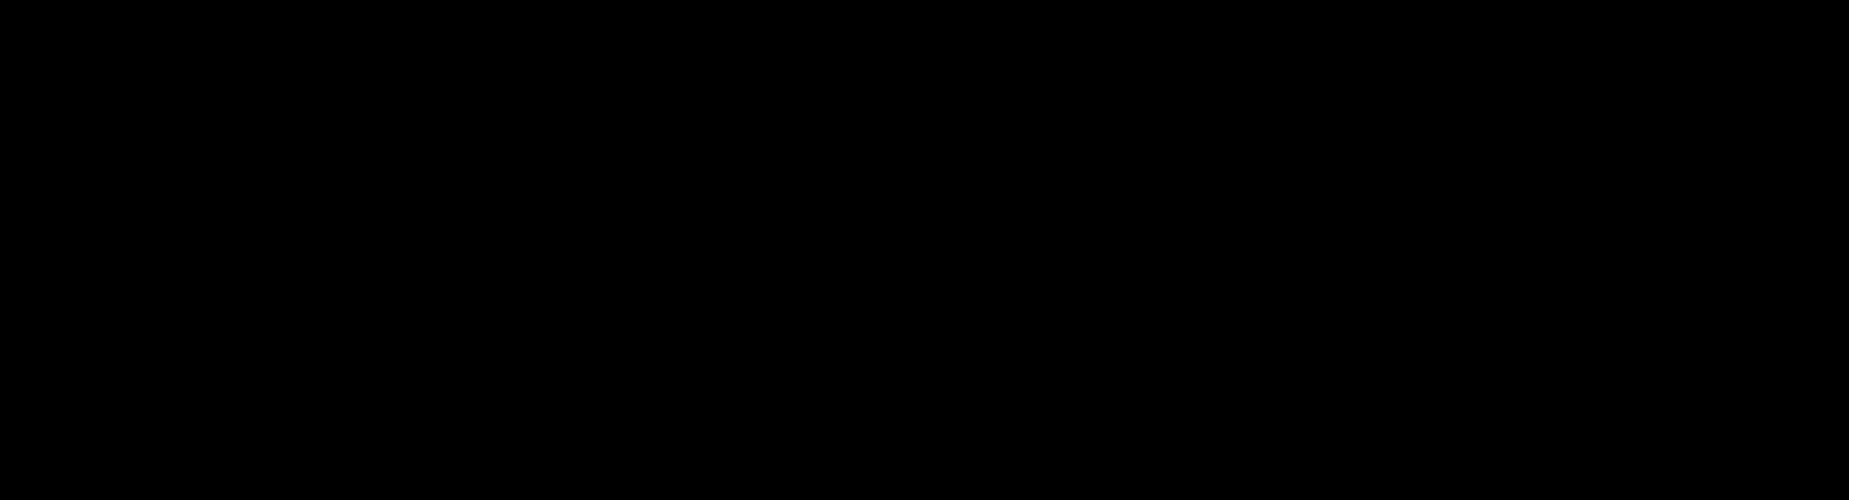 Das Logo von Cube brand communications